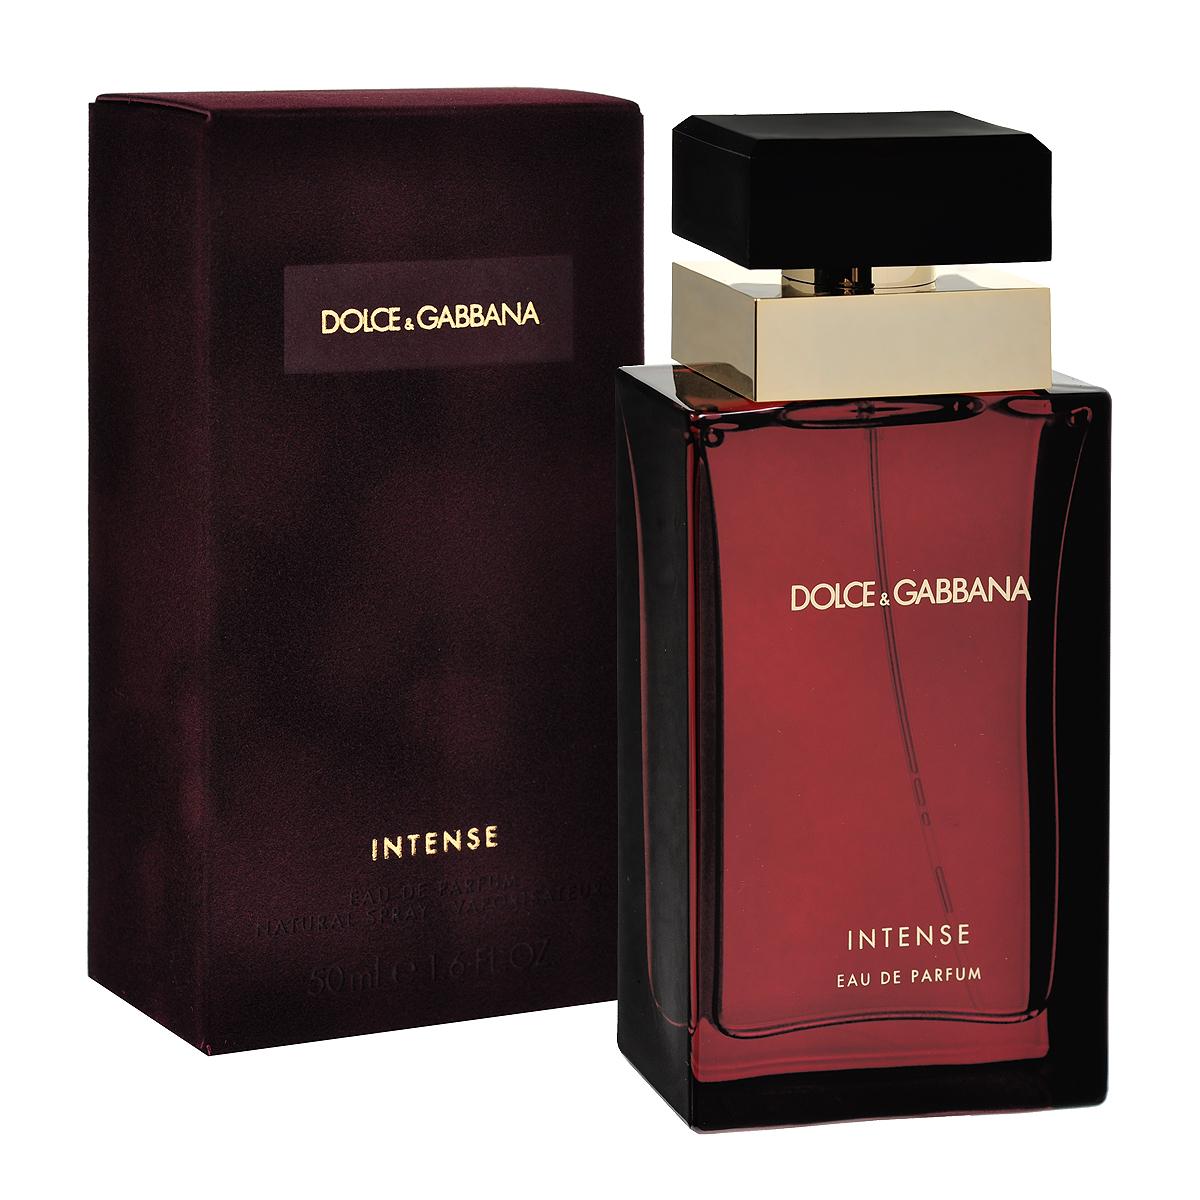 Dolce&Gabbana Парфюмерная вода Pour Femme Intense, женская, 50 мл